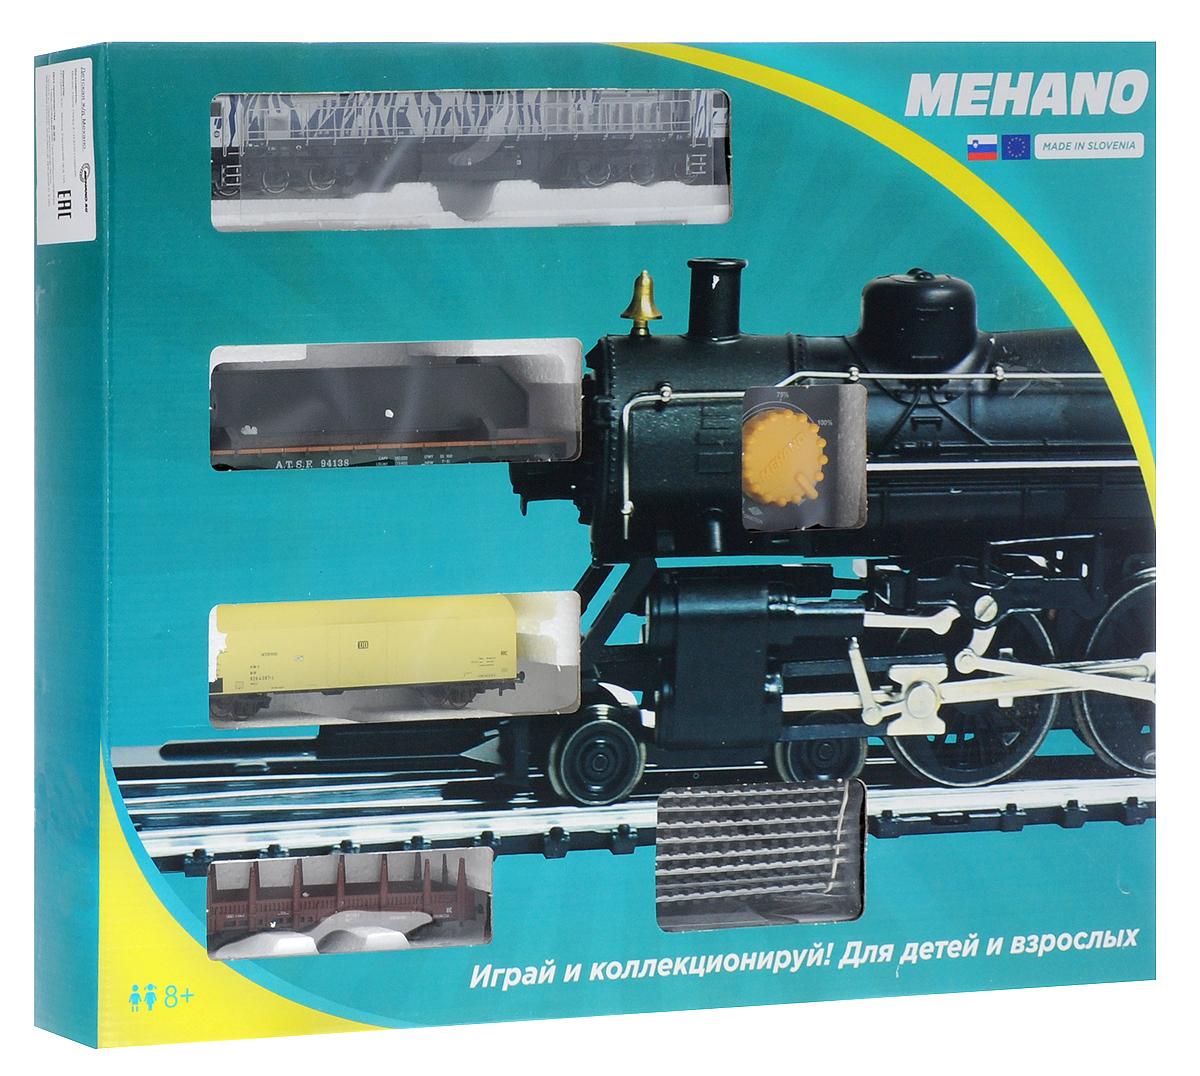 Mehano Железная дорога Prestige с тепловозом Bombardier BT2PR02-280Железная дорога Mehano - миниатюрная копия грузового состава. Мельчайшие детали паровозов, тепловозов и грузовых вагонов, каждая рельефная линия экстерьера тщательно проработаны, благодаря чему состав выглядит более чем реально. Можно вообразить, как этот состав загрузили где-то на миниатюрном перевалочном пункте, а затем он аккуратно вез свой груз по длинным разветвленным путям... Воплотить воображаемое в действительность очень легко: при желании железнодорожное полотно можно увеличить и добавить элементы ландшафта, ведь все элементы железных дорог Mehano совместимы друг с другом. При желании, можно докупить стрелку, перекресток и состав может двигаться на другие участки железной дороги. Рельсы металлические, колеса паровозов и вагонов выполнены из металла. Все элементы комплекта совместимы с другими сборными моделями железной дороги Mehano, так что юный машинист сможет прокладывать различные маршруты, строить новые станции и придумывать неповторимый, свой...